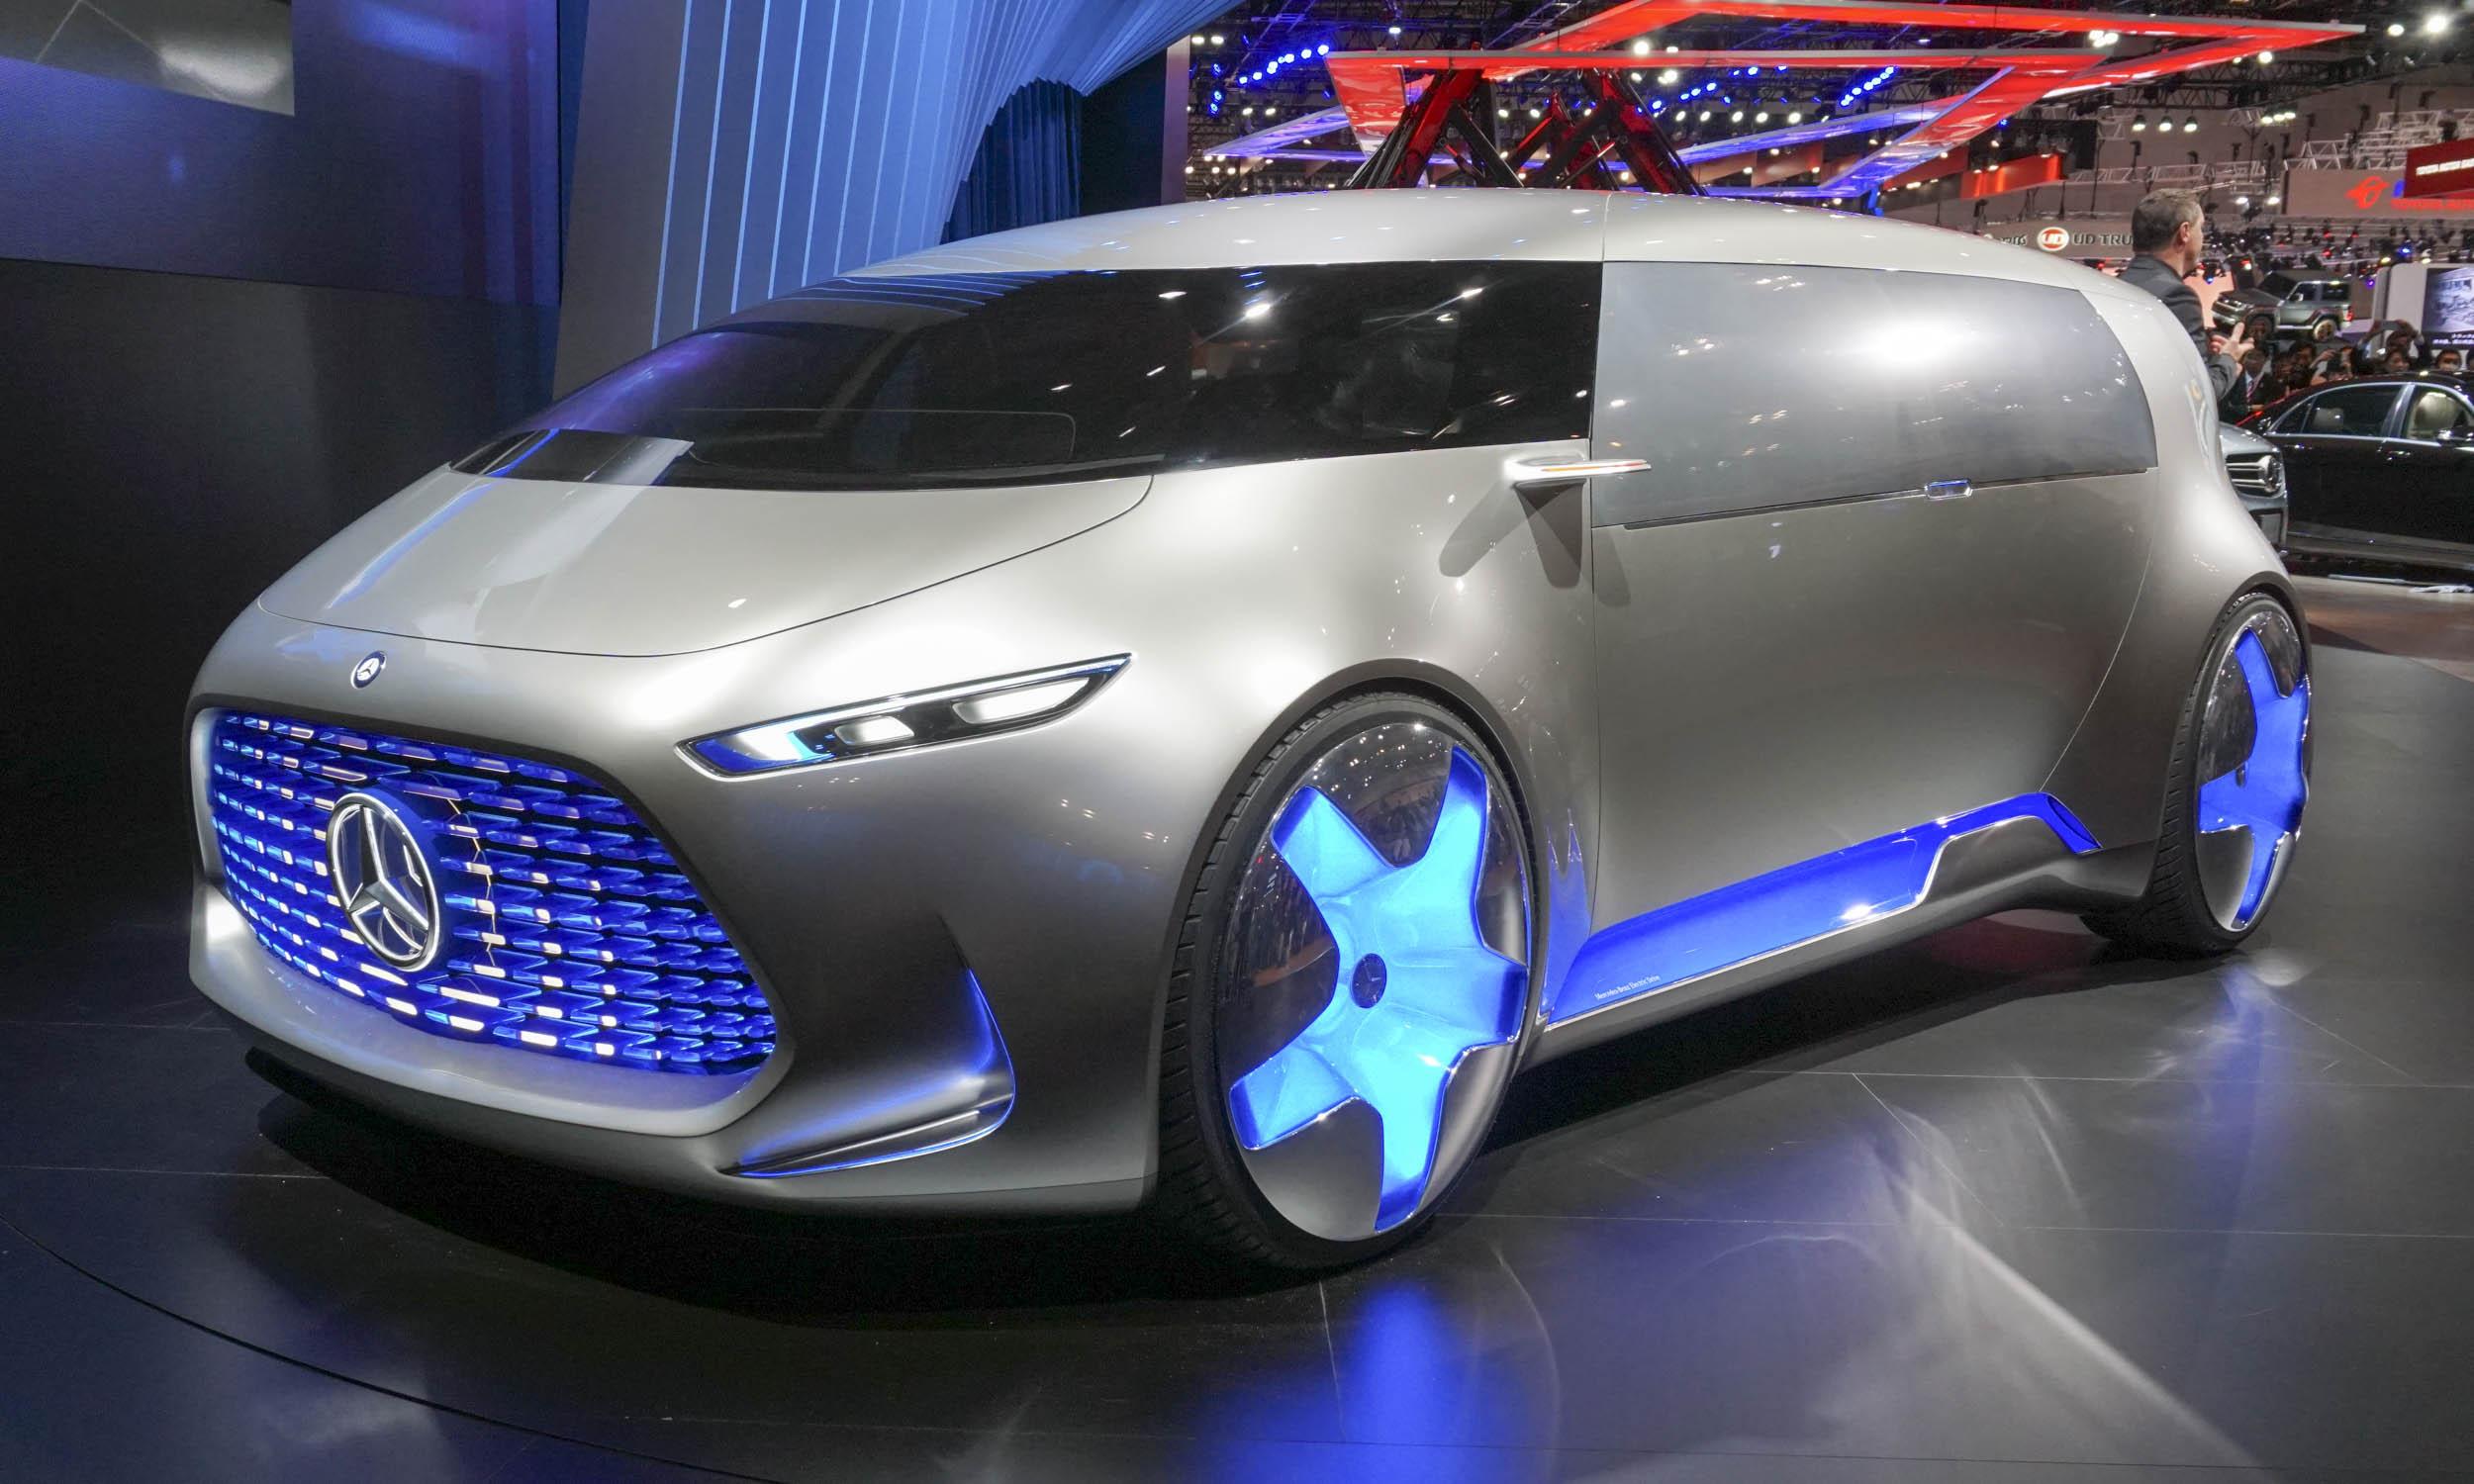 http://autonxt.net/wp-content/uploads/2015/10/Mercedes-Benz-Vision-Tokyo7.jpg